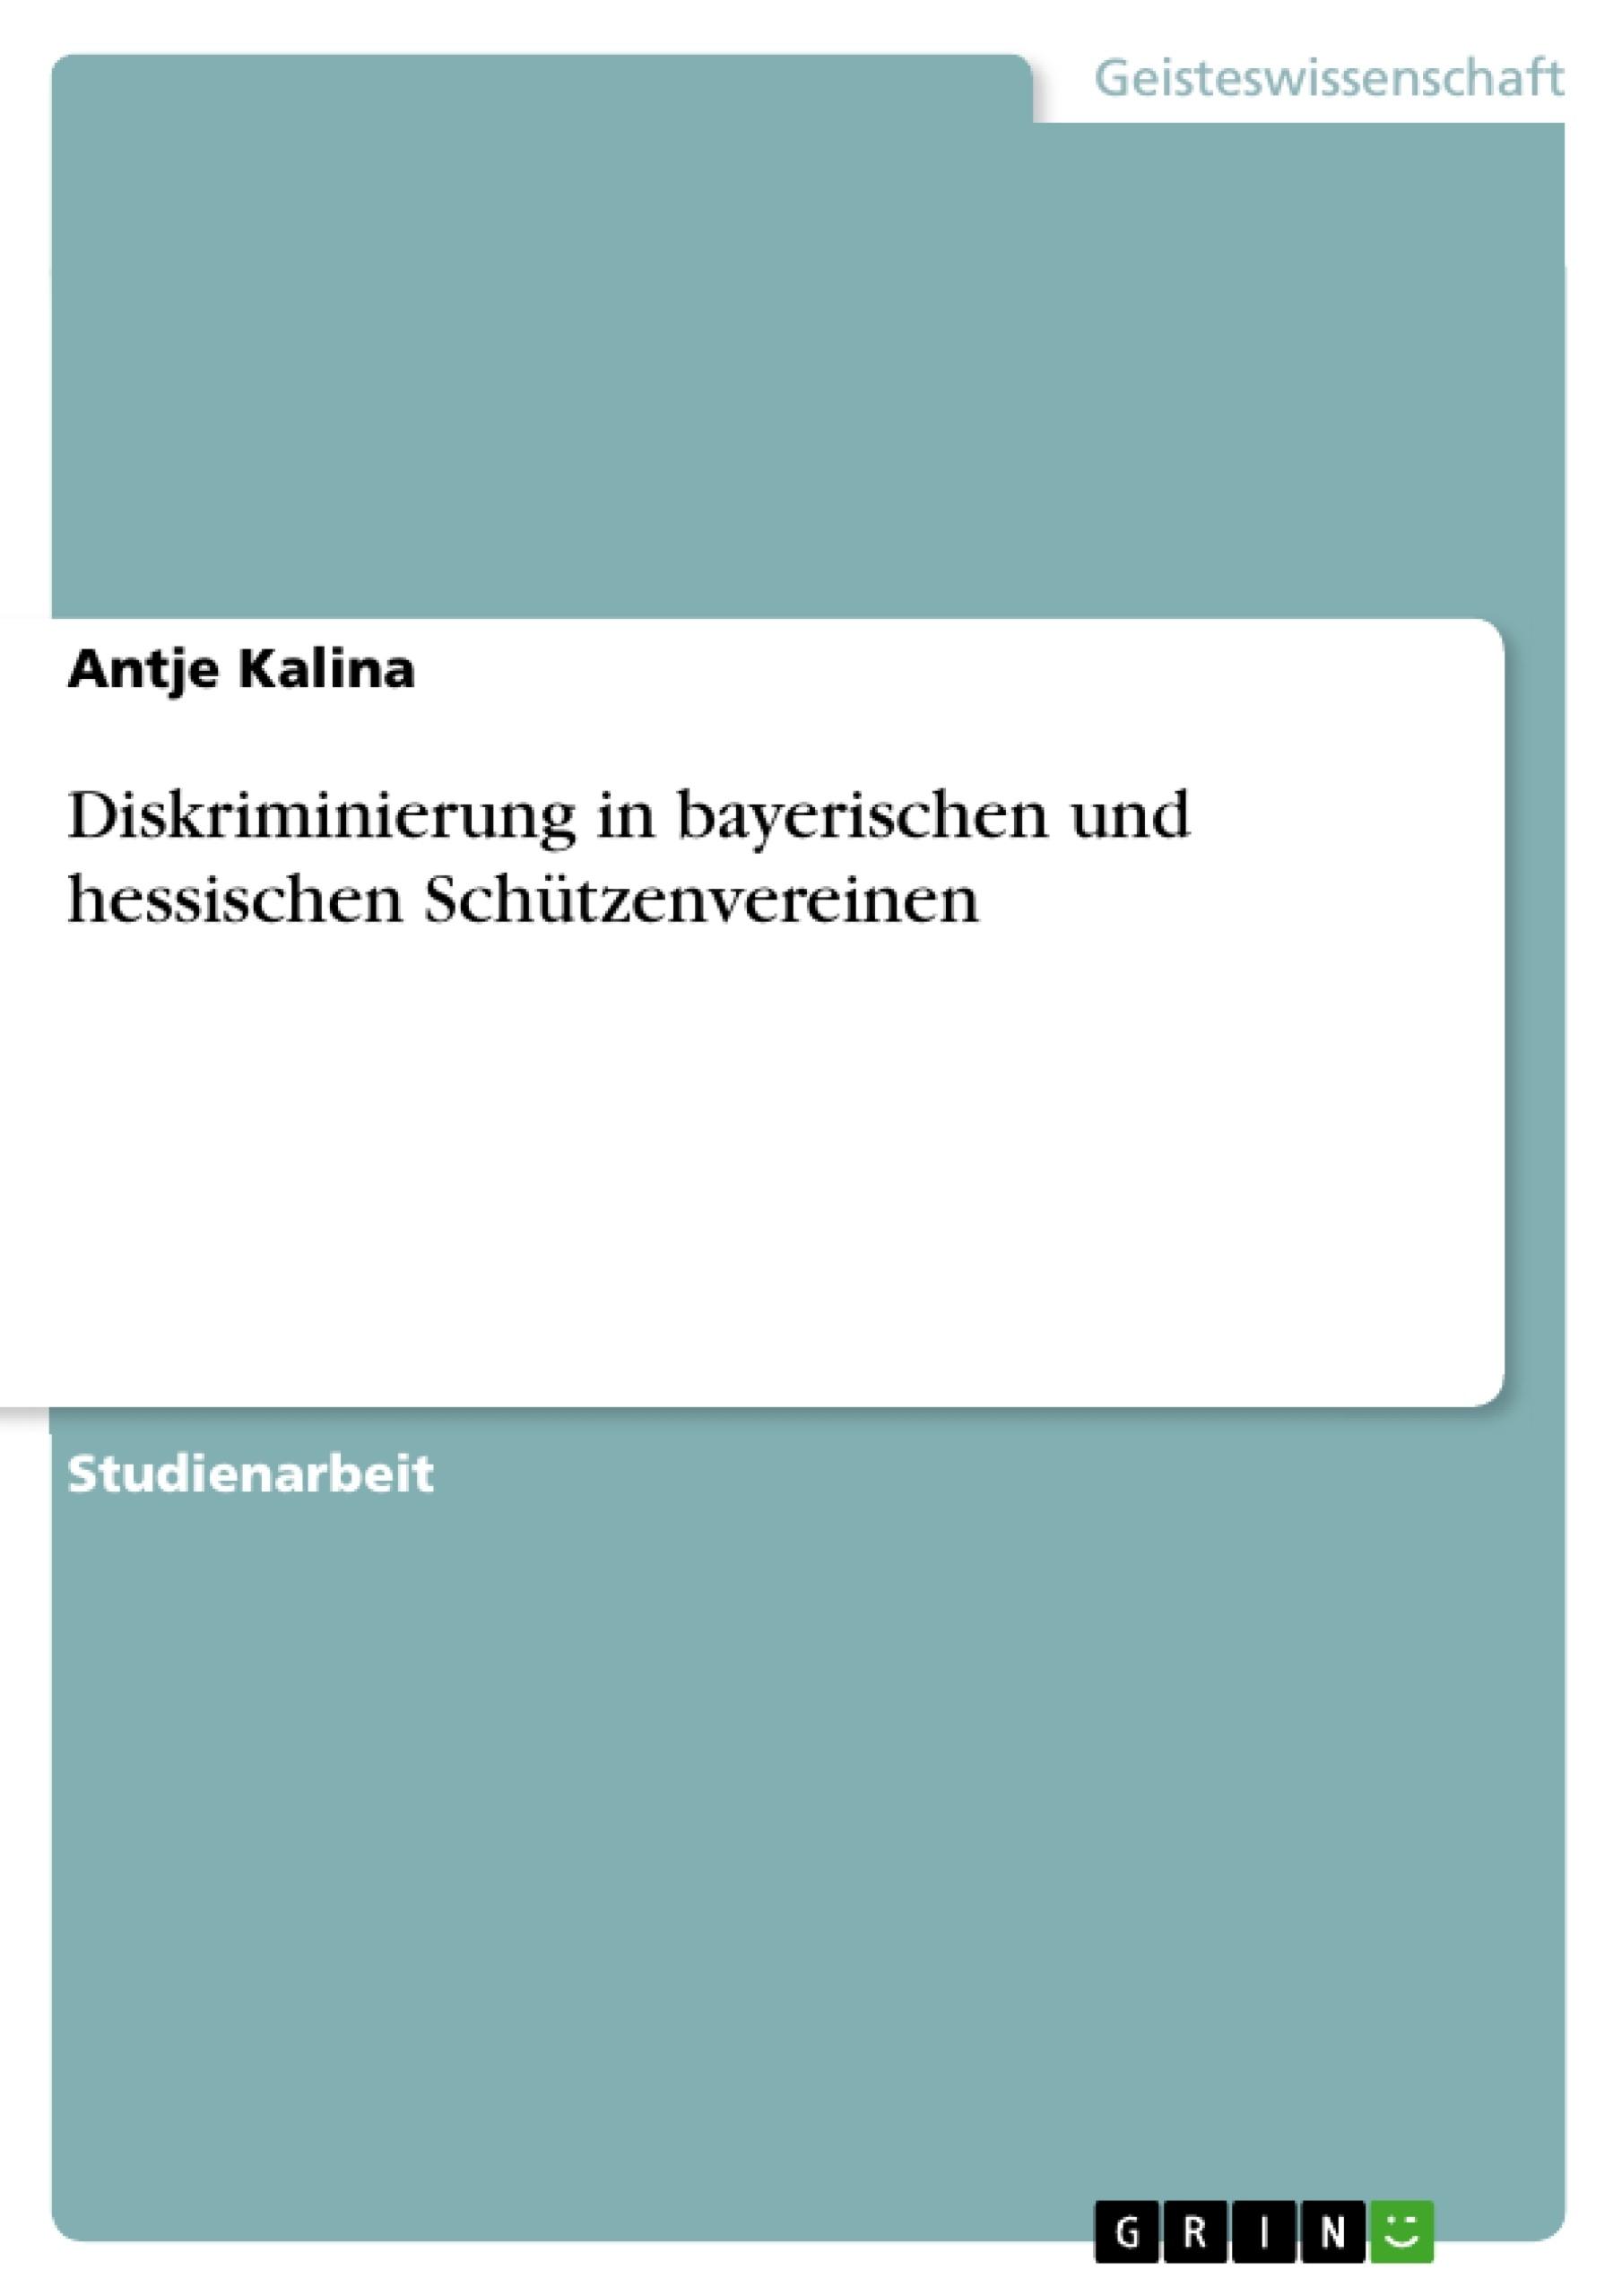 Titel: Diskriminierung in bayerischen und hessischen Schützenvereinen